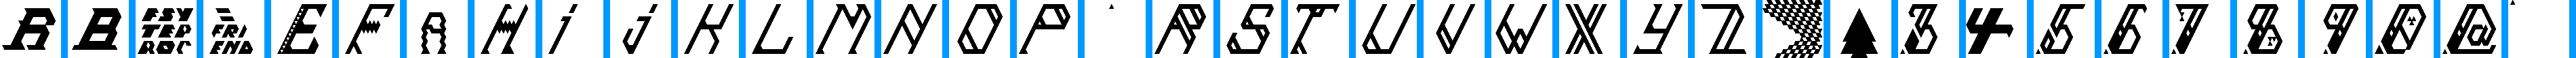 Particip-a-type v.351